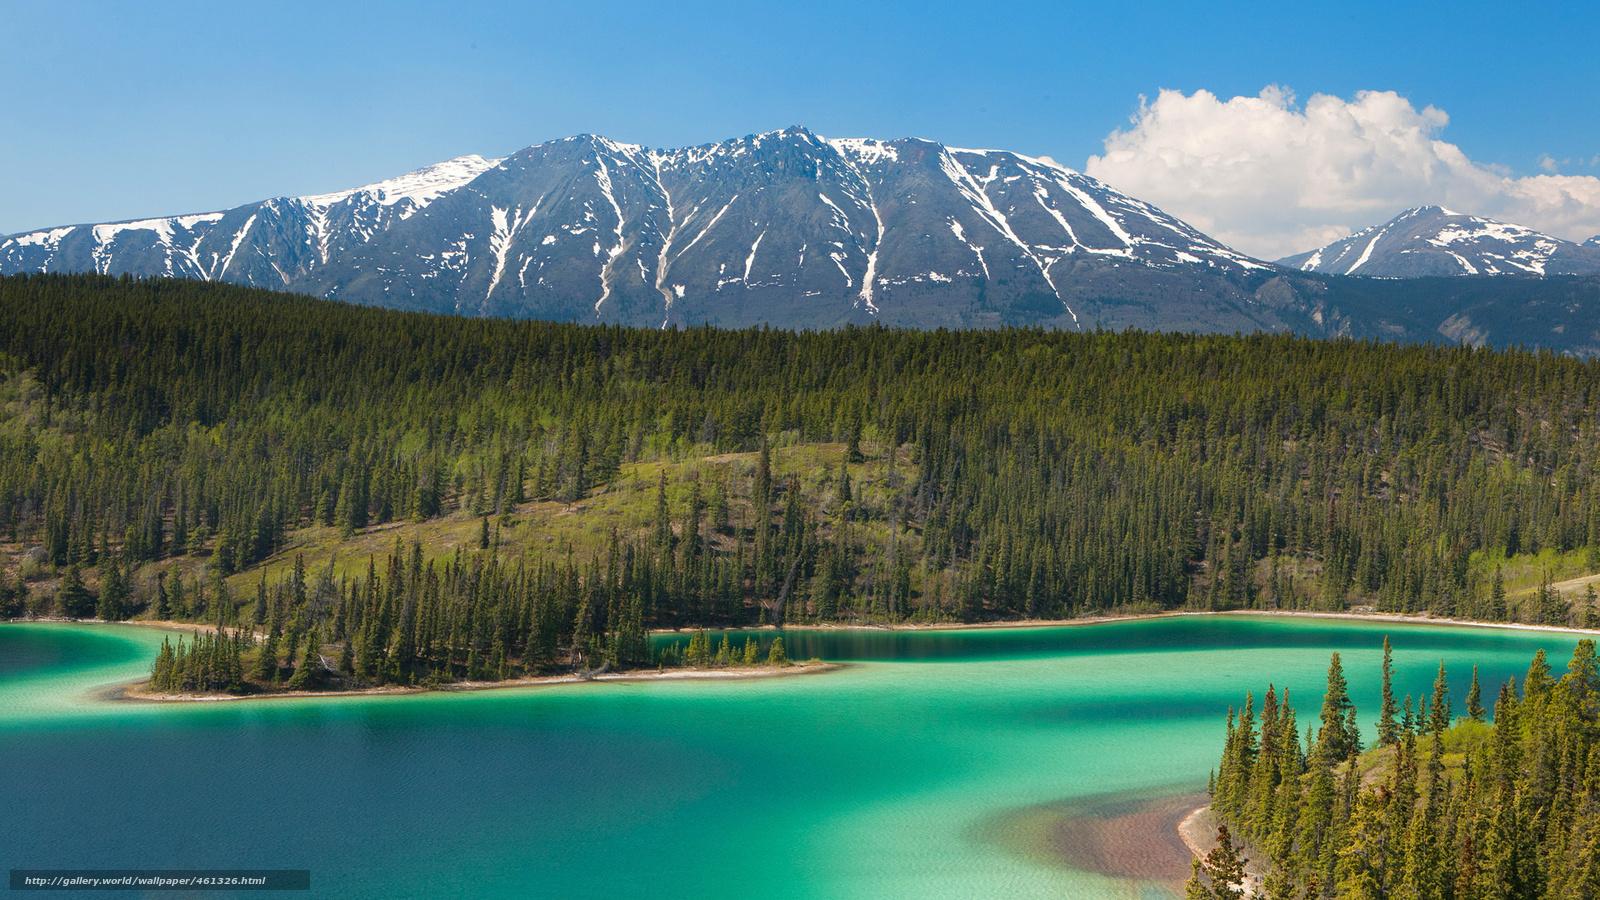 download wallpaper mountains lake alaska trees free